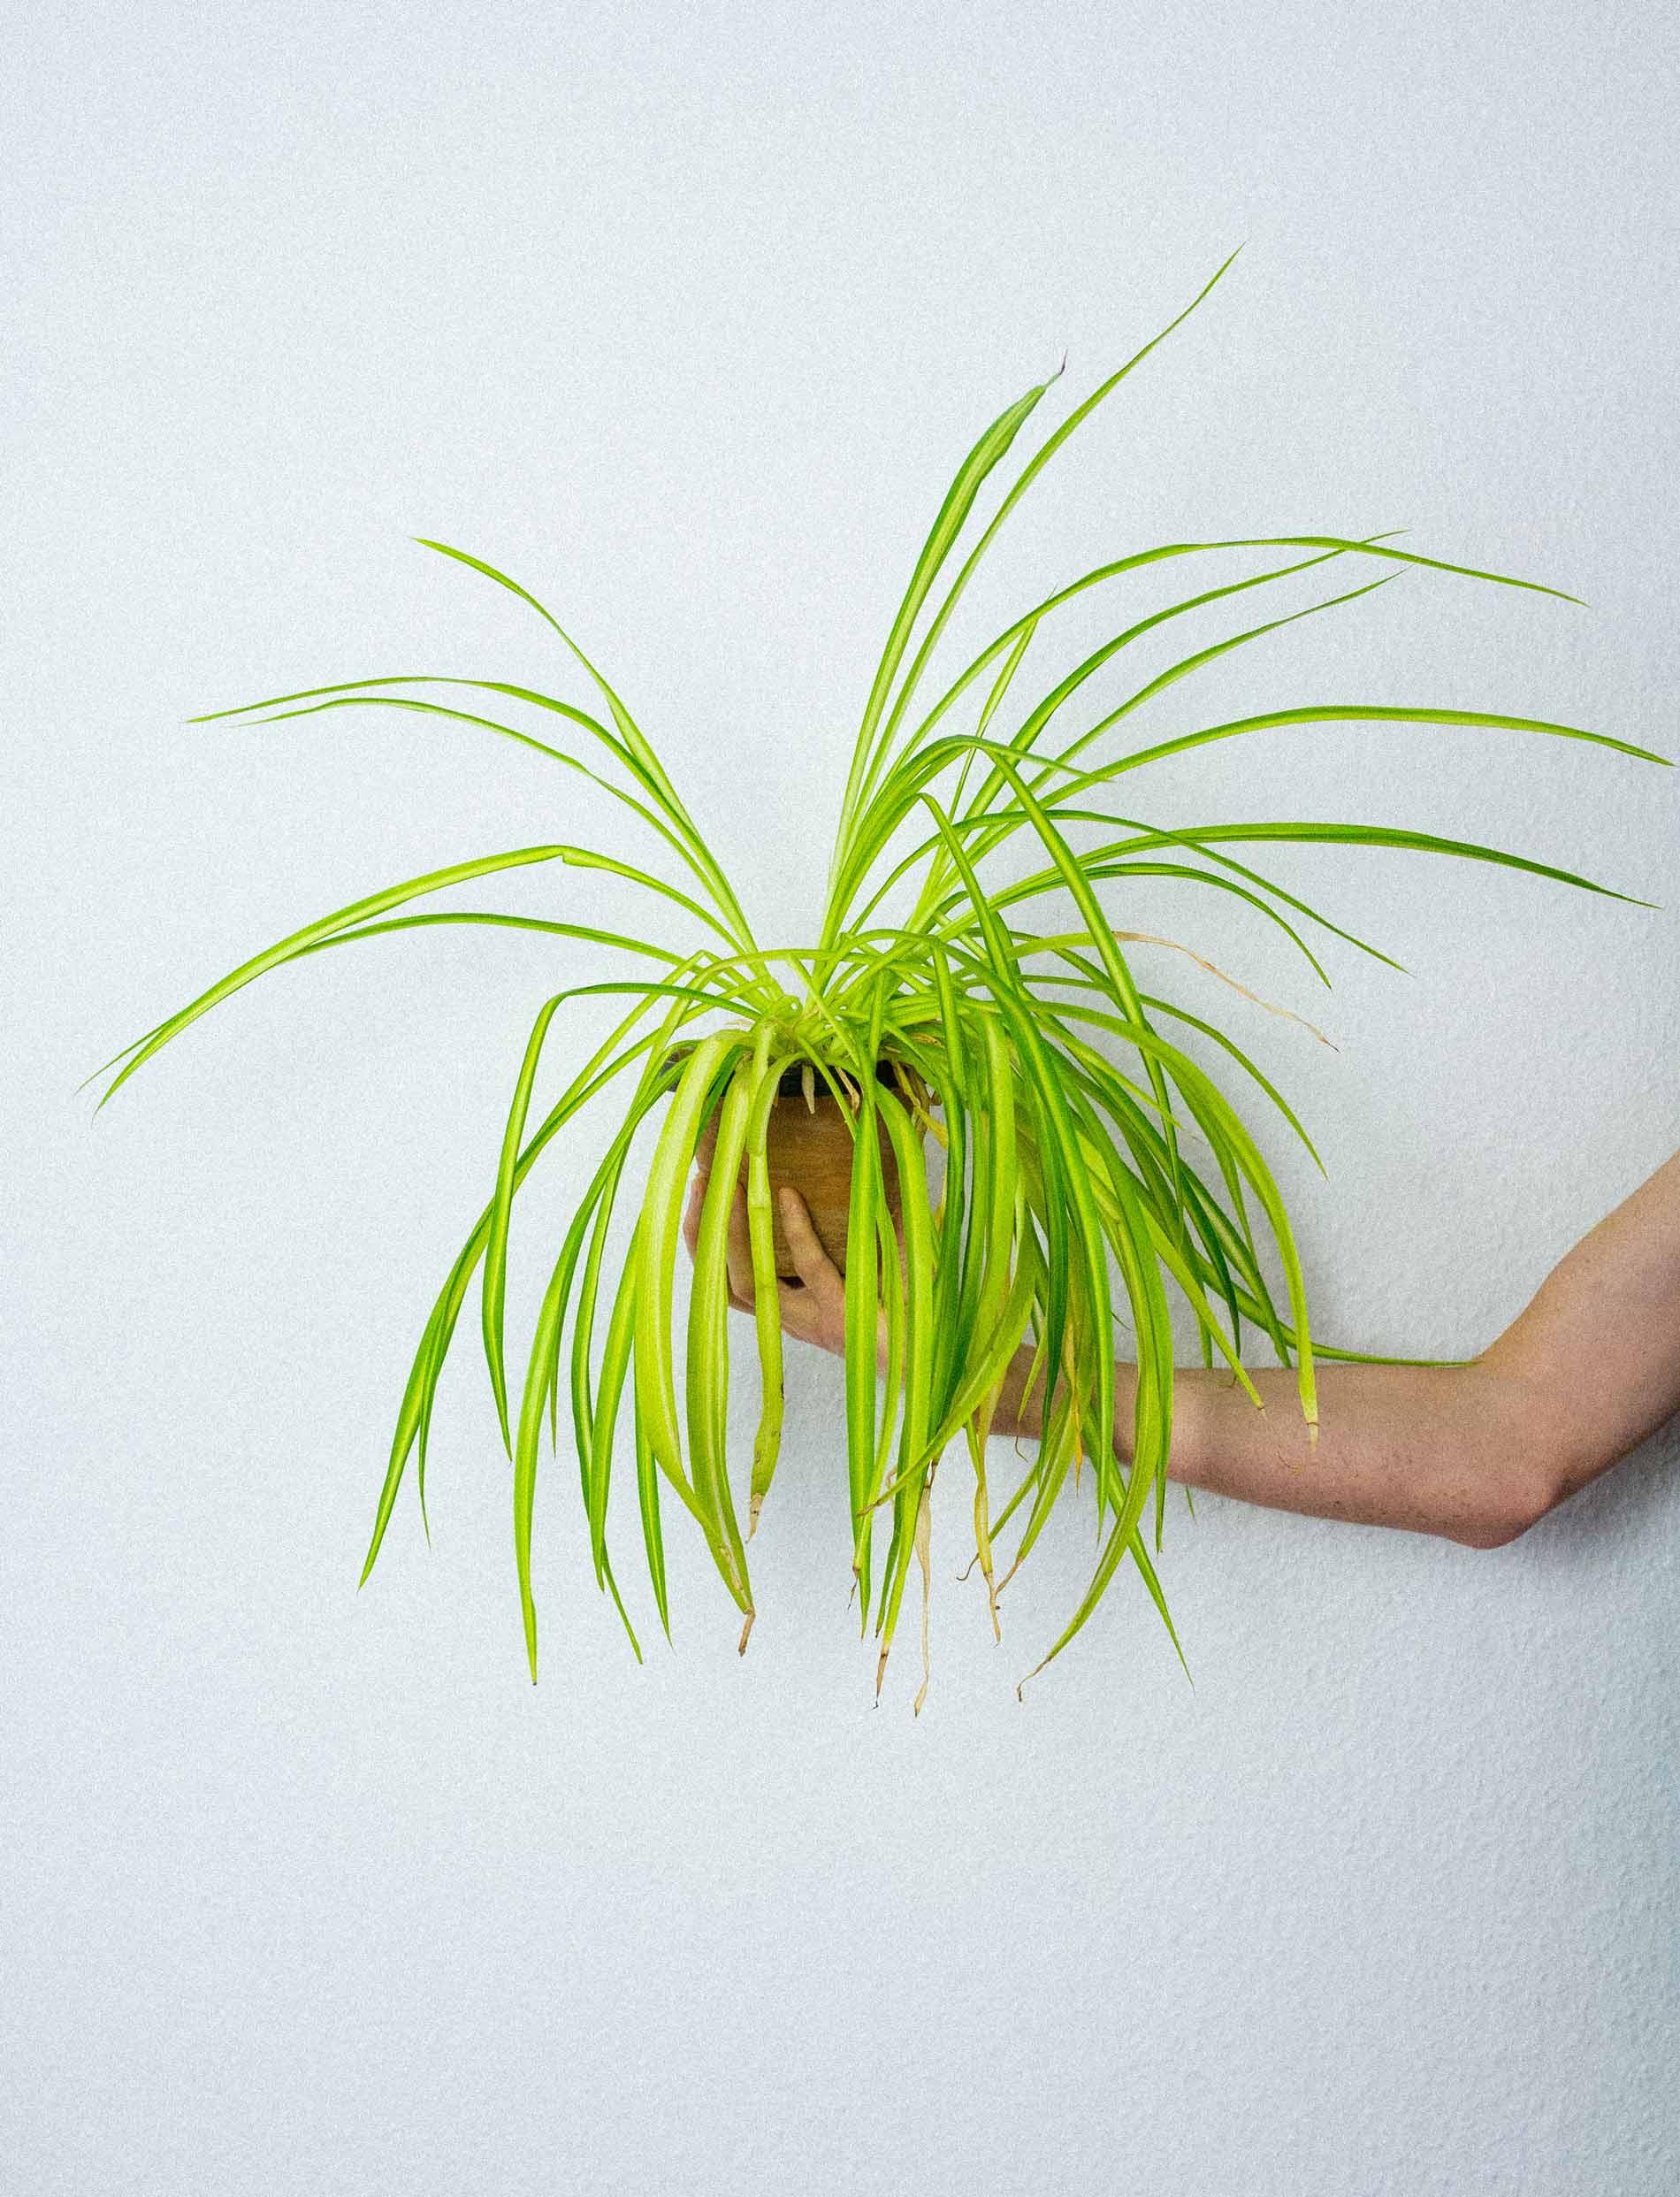 Everpress-blog-process-rio-sipos-iambabyking-plant